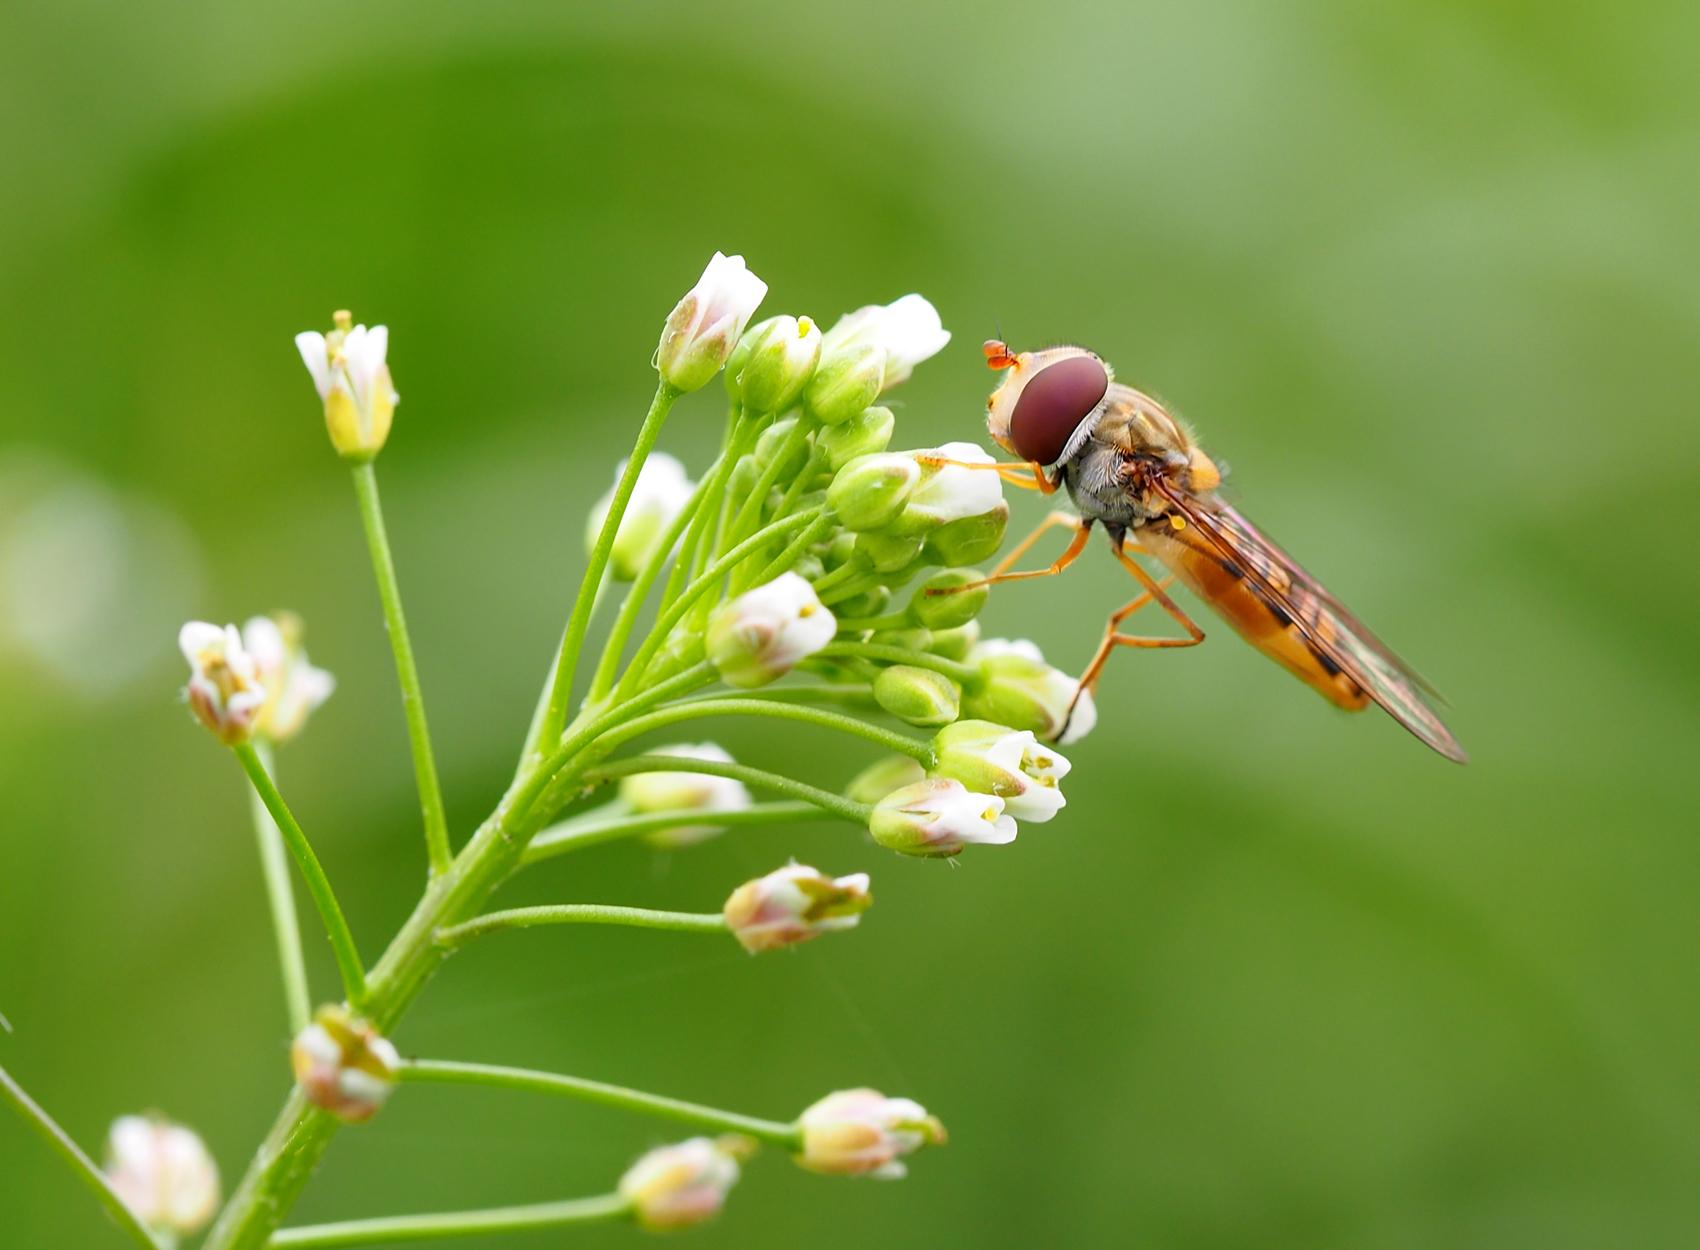 Gemeine Winter-Schwebfliege01 (Episyrphus balteatus)